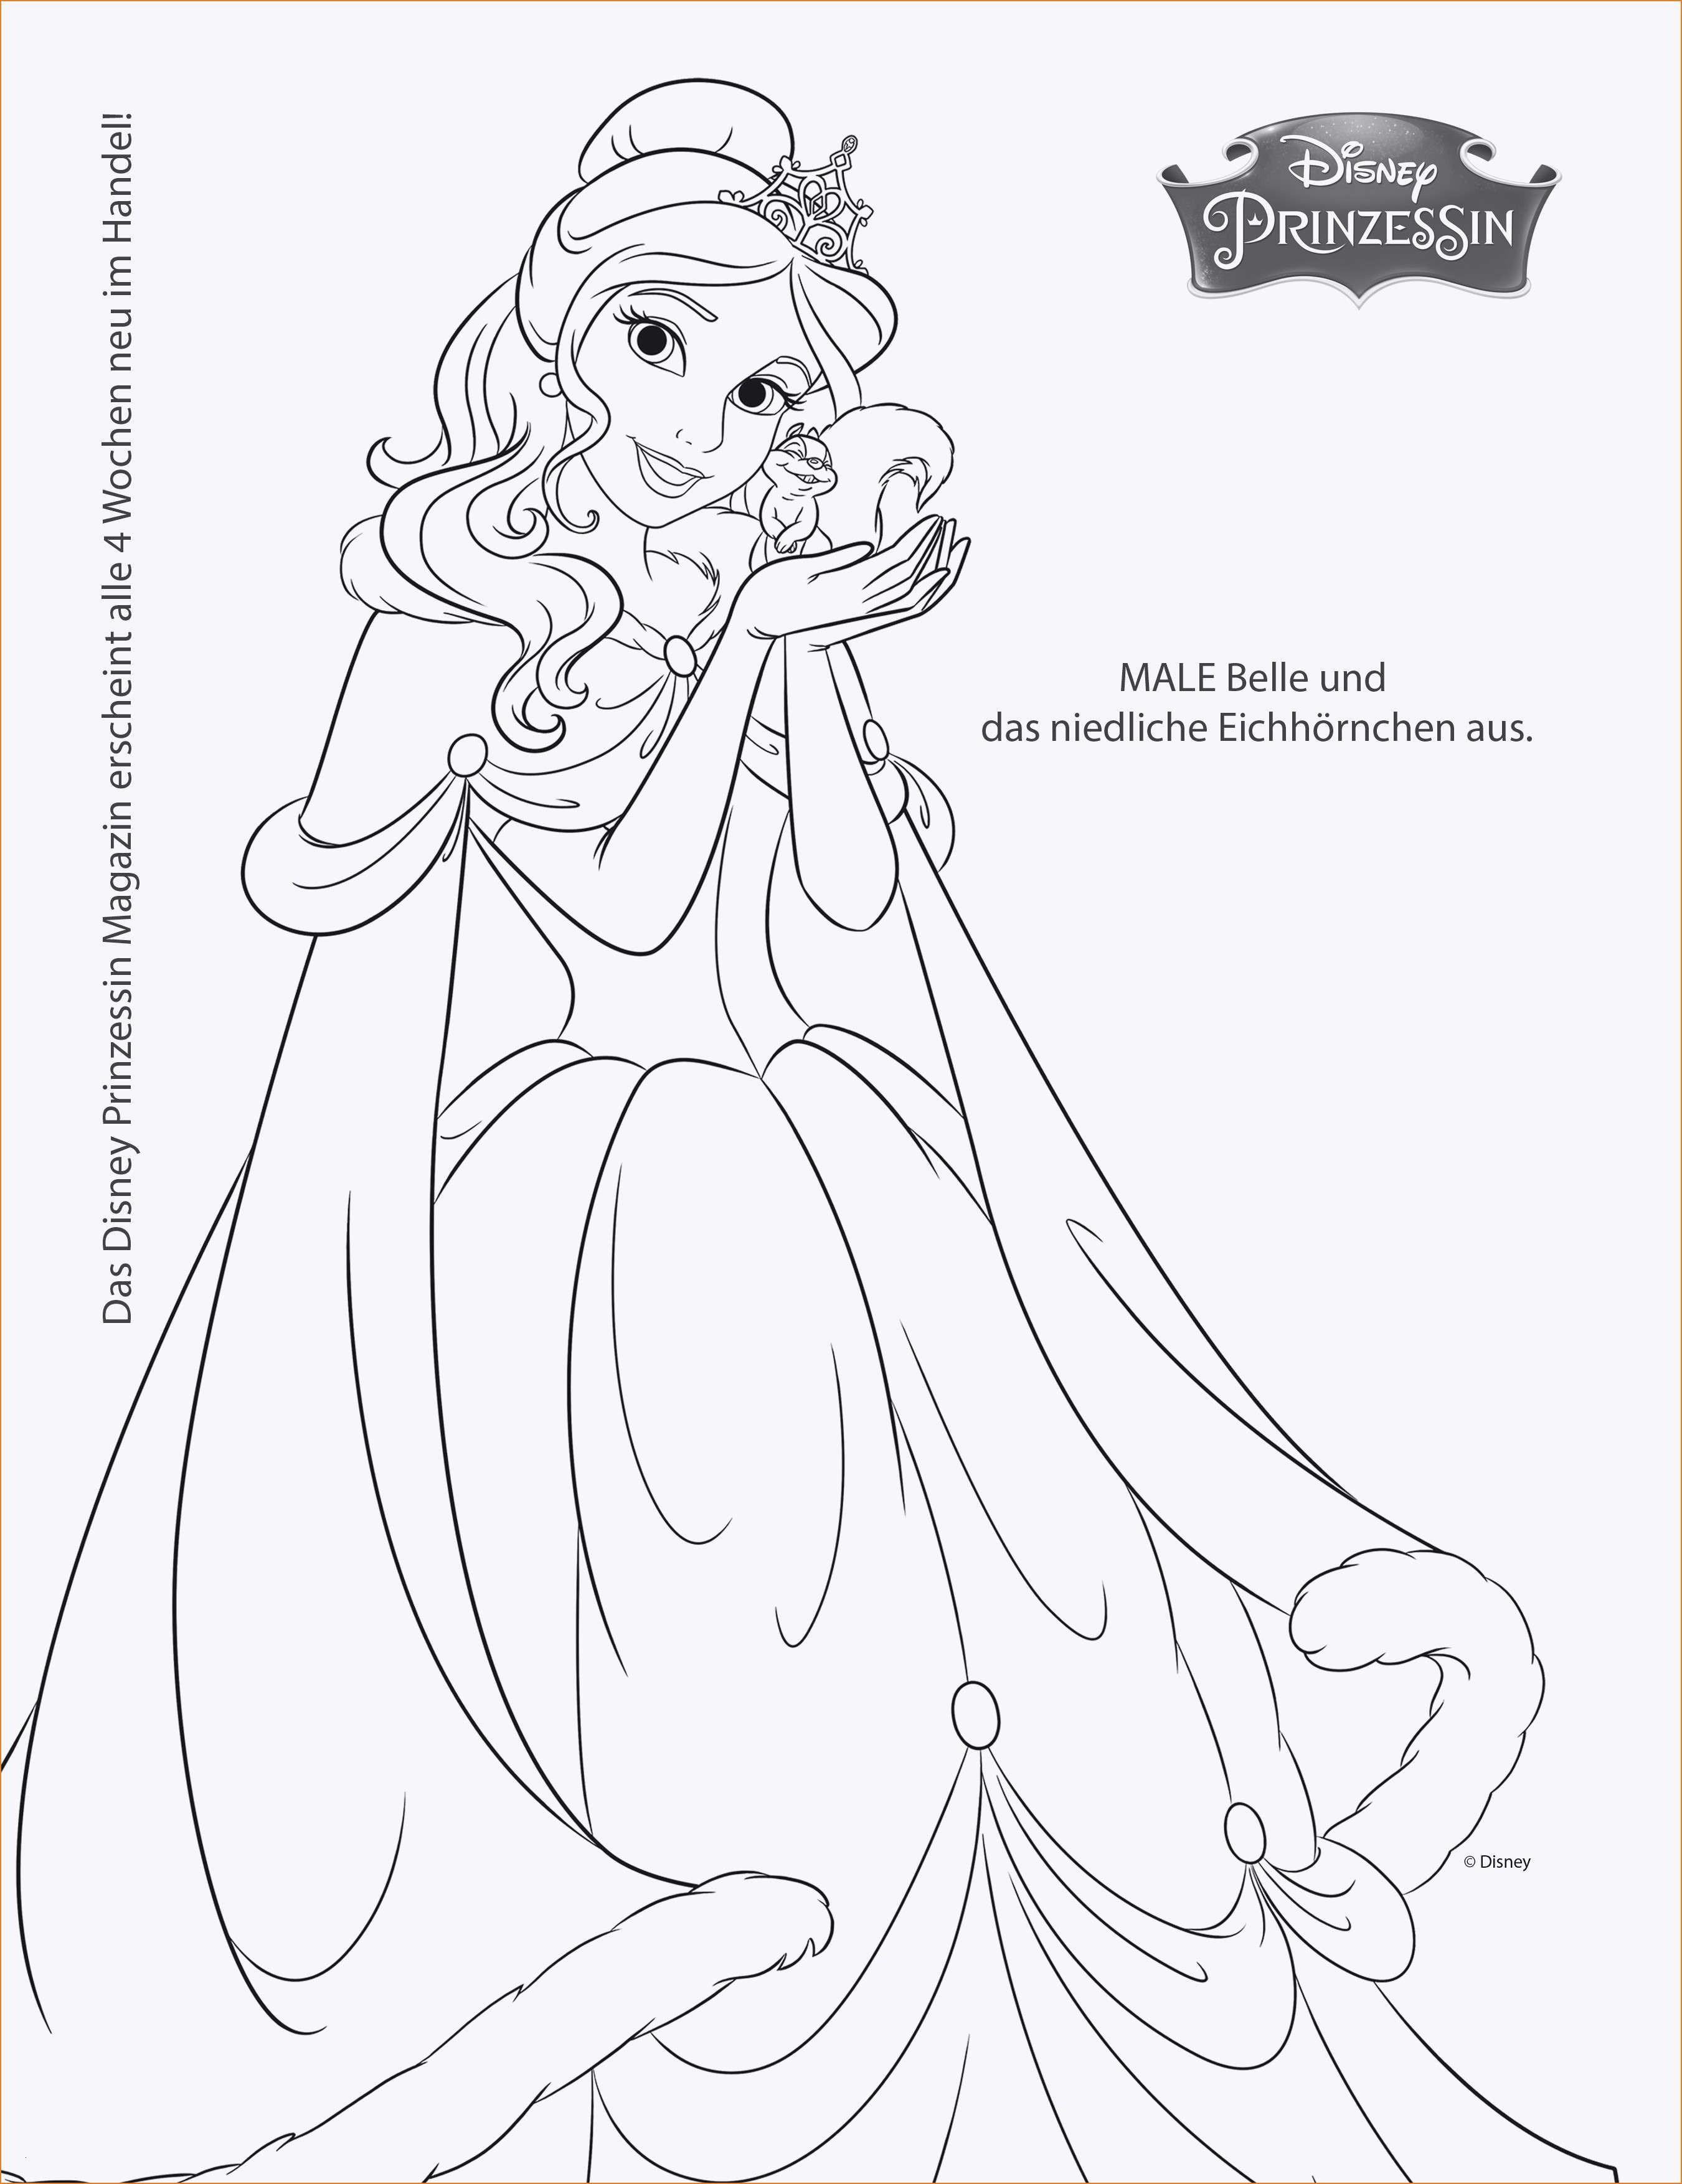 Marvel Helden Ausmalbilder Einzigartig Ausmalbilder Muschel Lovely Foto Van Patty Bartlett Kleurplaat Luxus Das Bild